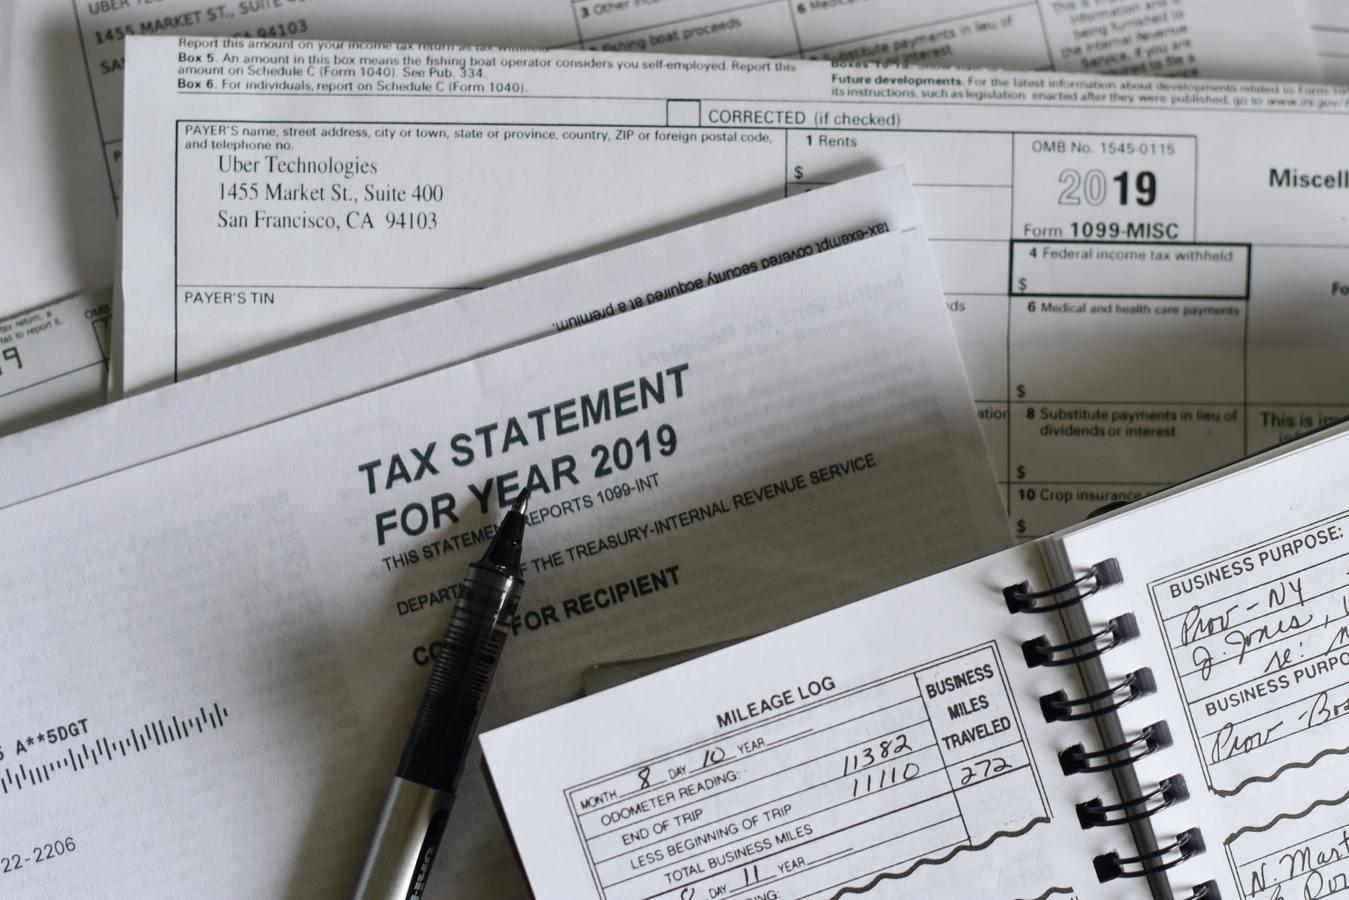 Steuerformulare und ein Stift auf einem Schreibtisch